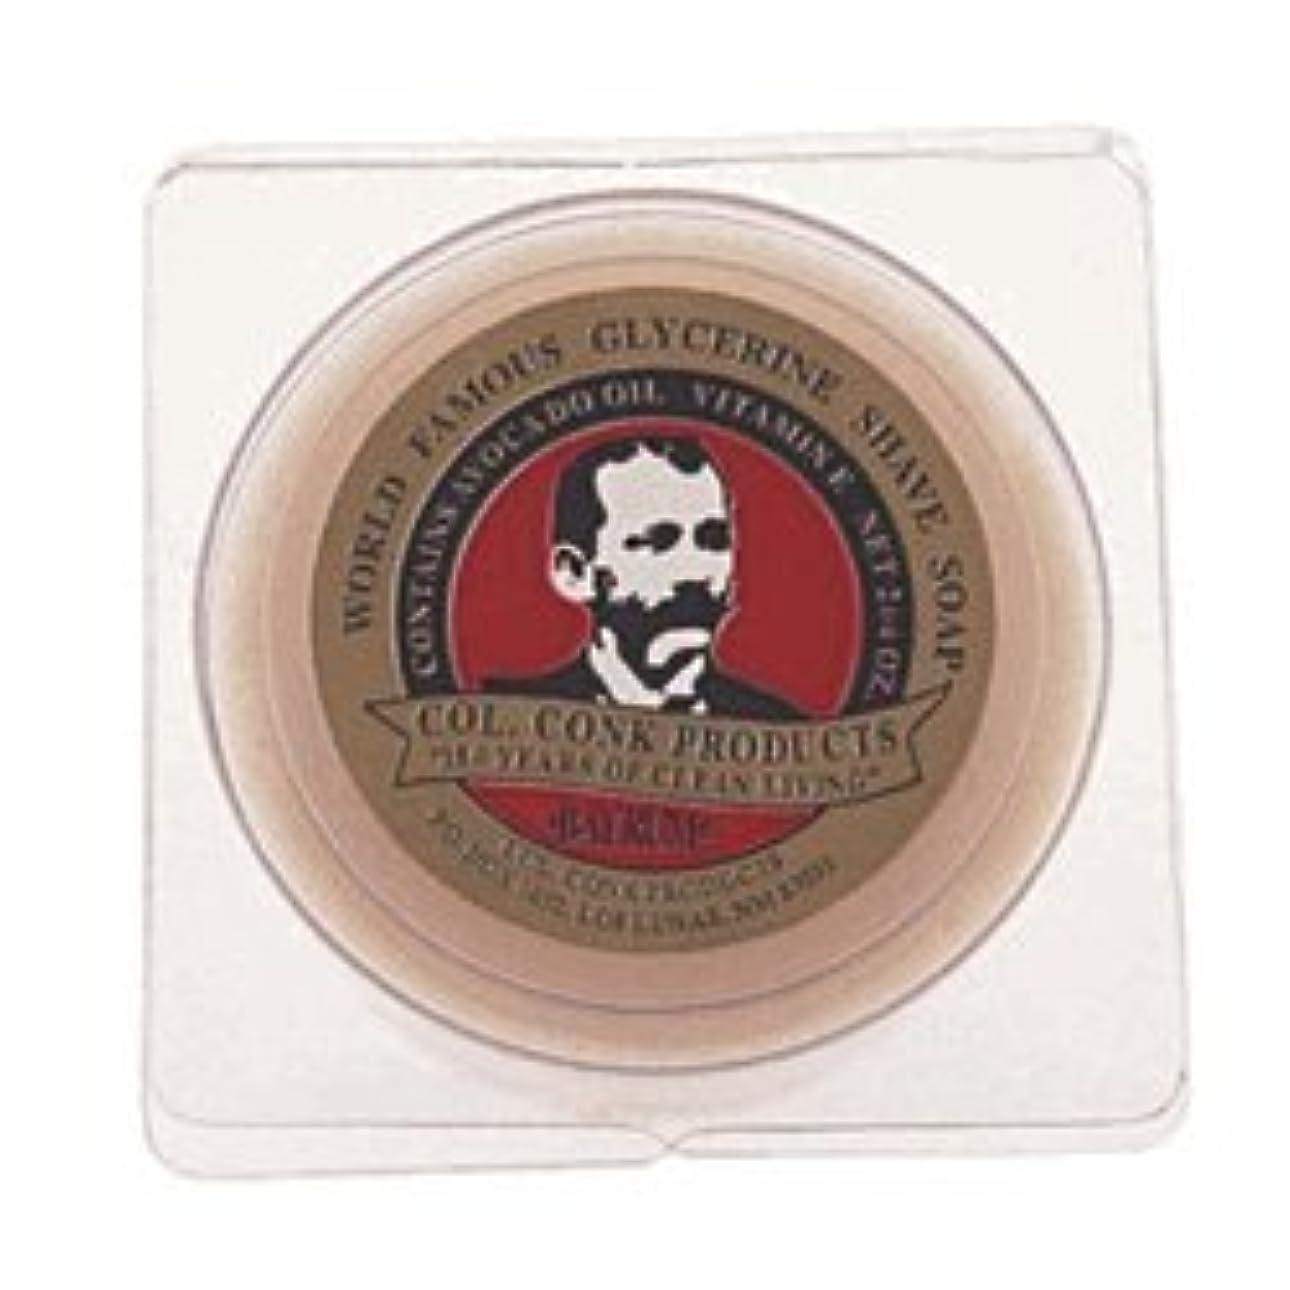 皮インターネット成人期Colonel Conk Glycerin Shave Soap Bay Rum (106g) [並行輸入品]